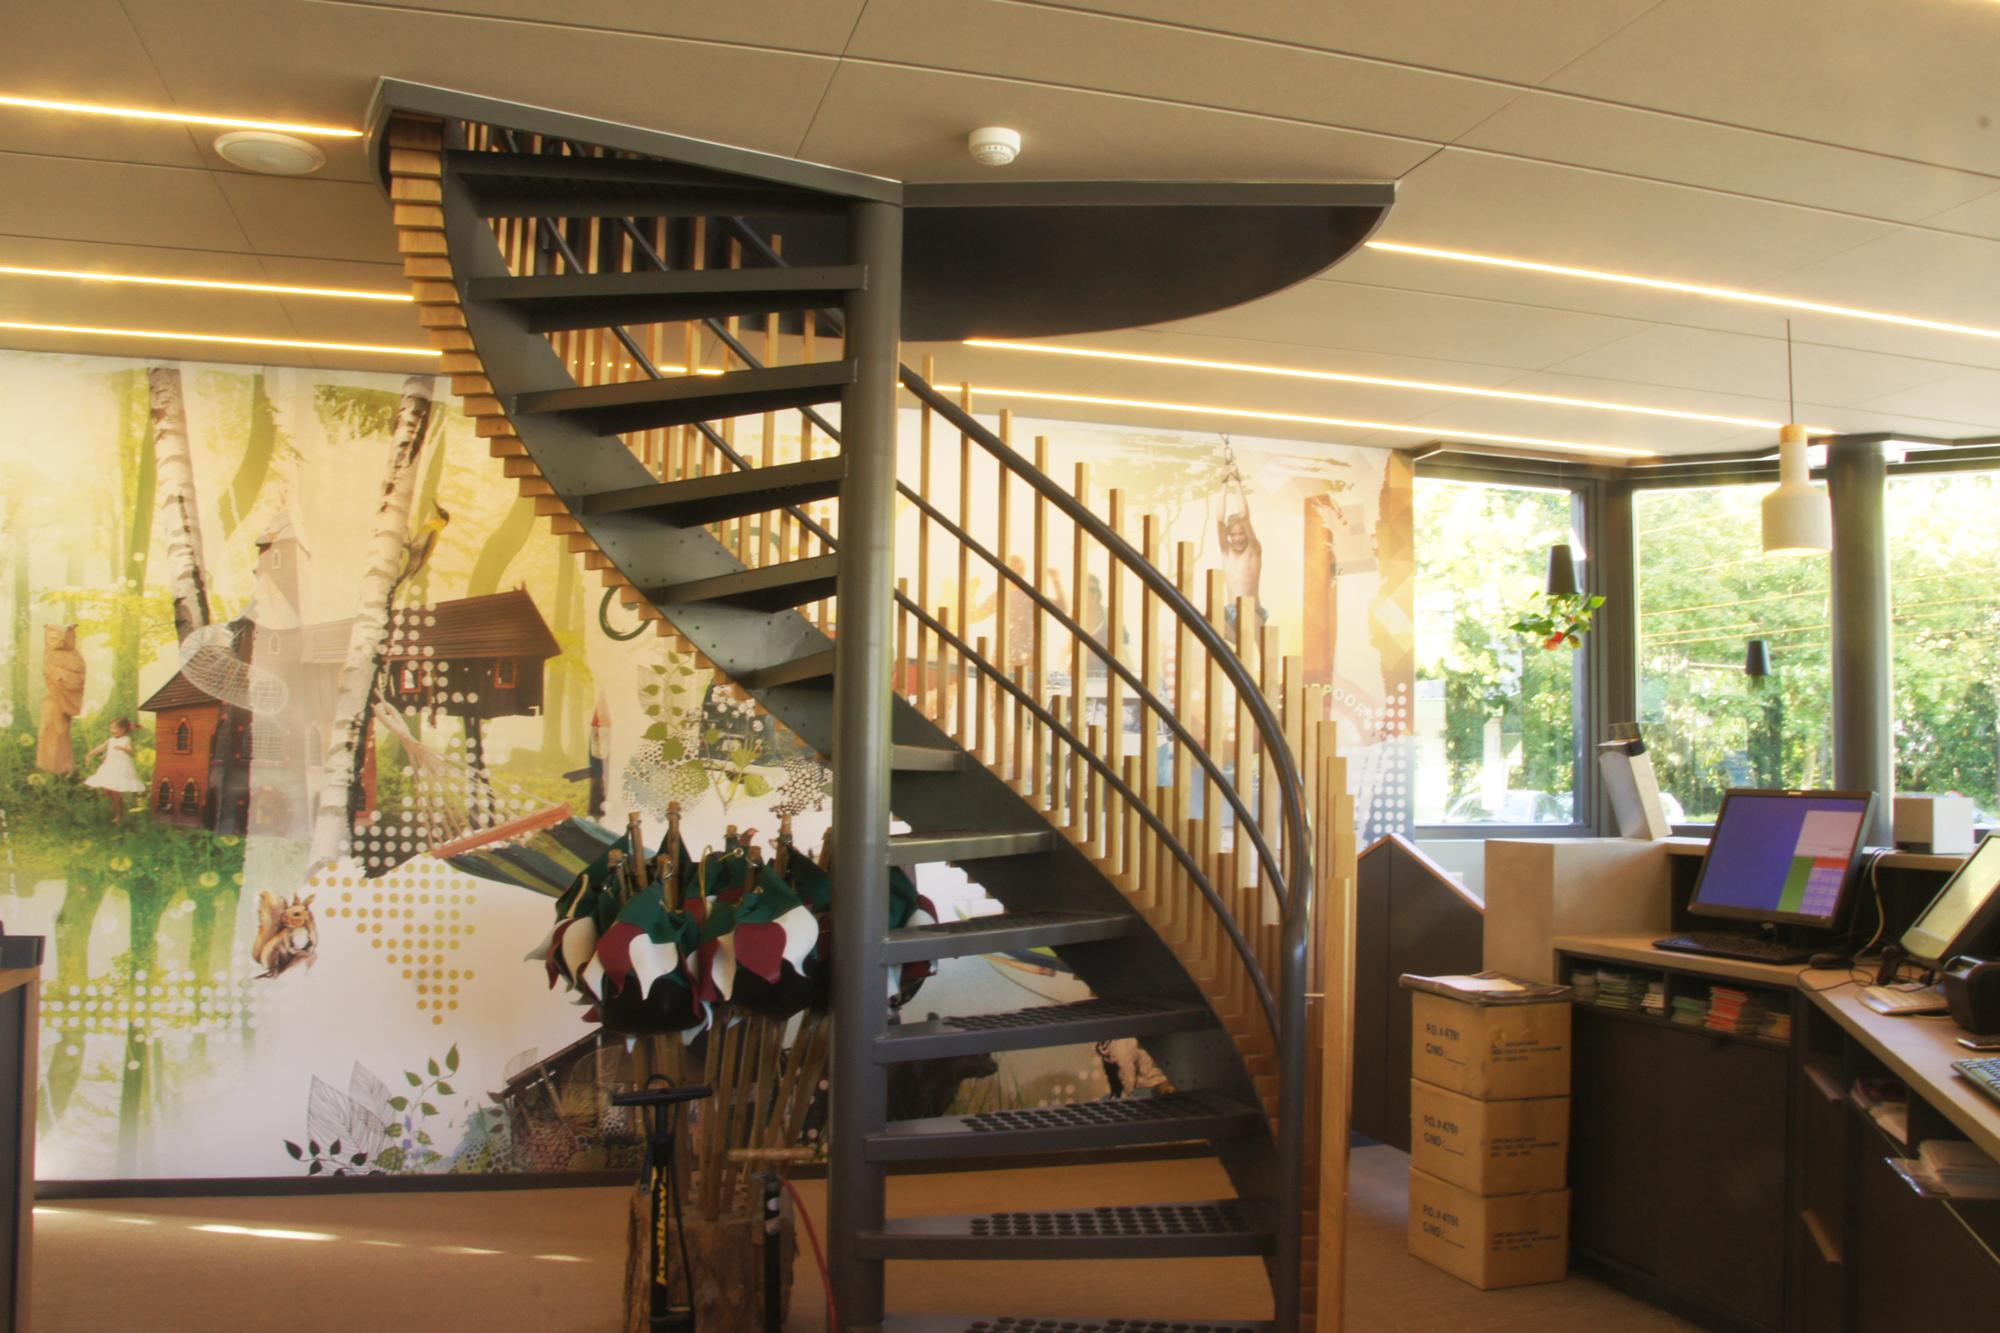 receptie vakantiepark ter spegelt ininterieurs muurprint trap